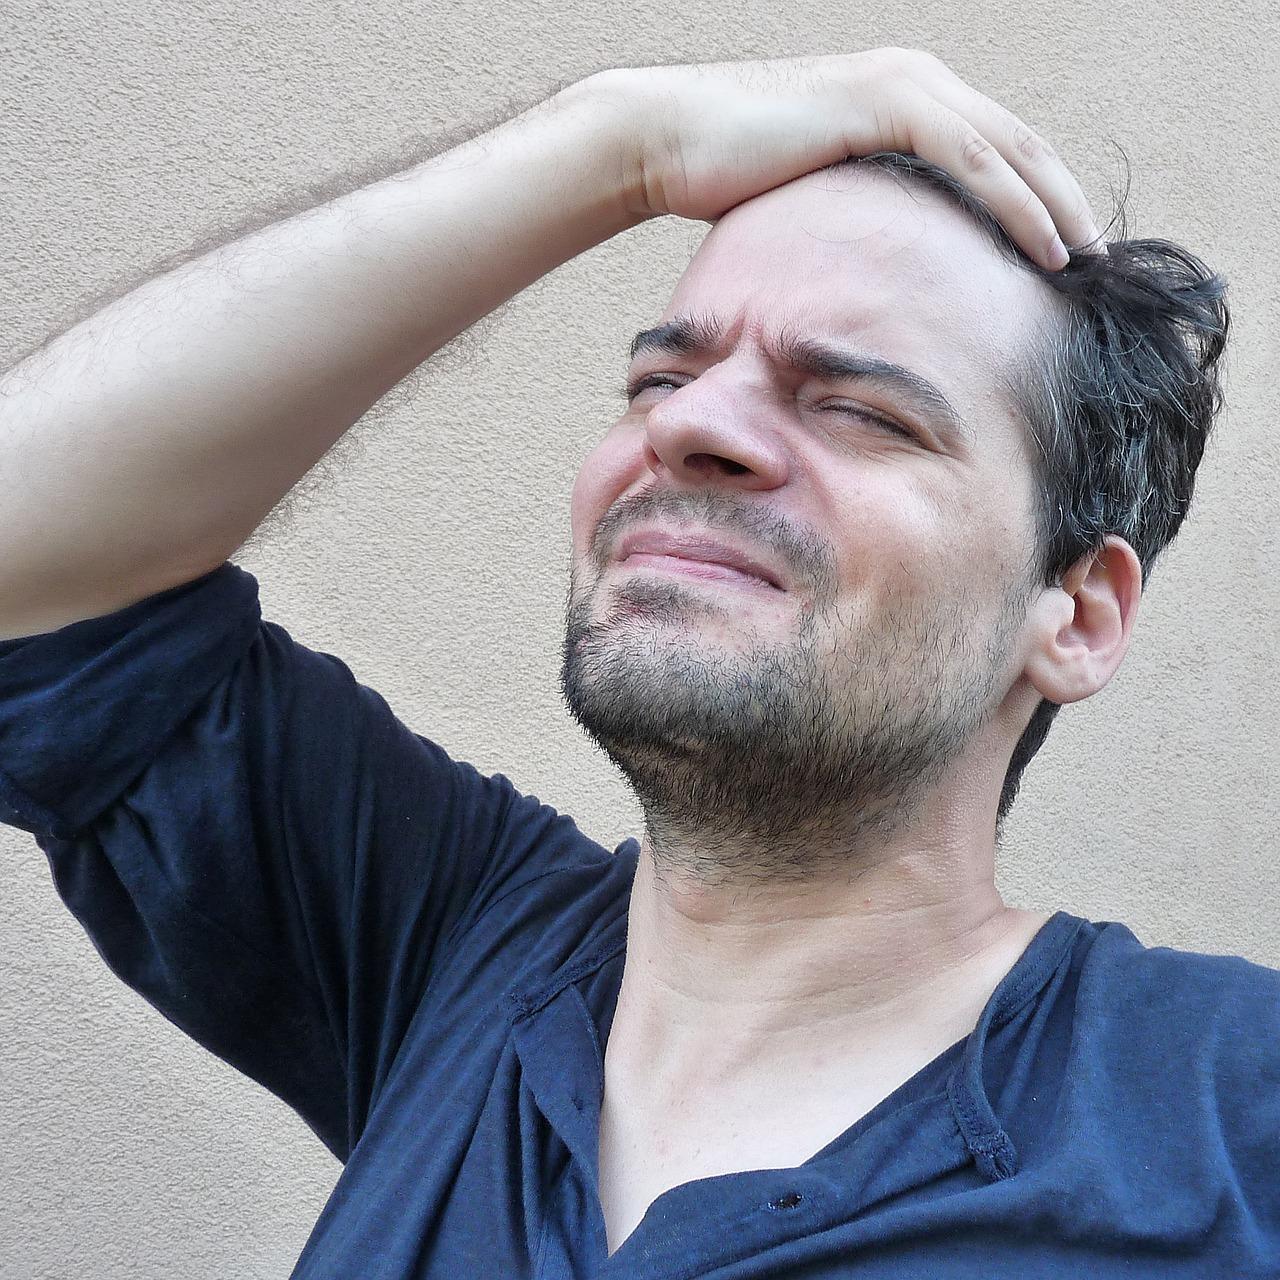 Bilderesultat for headache